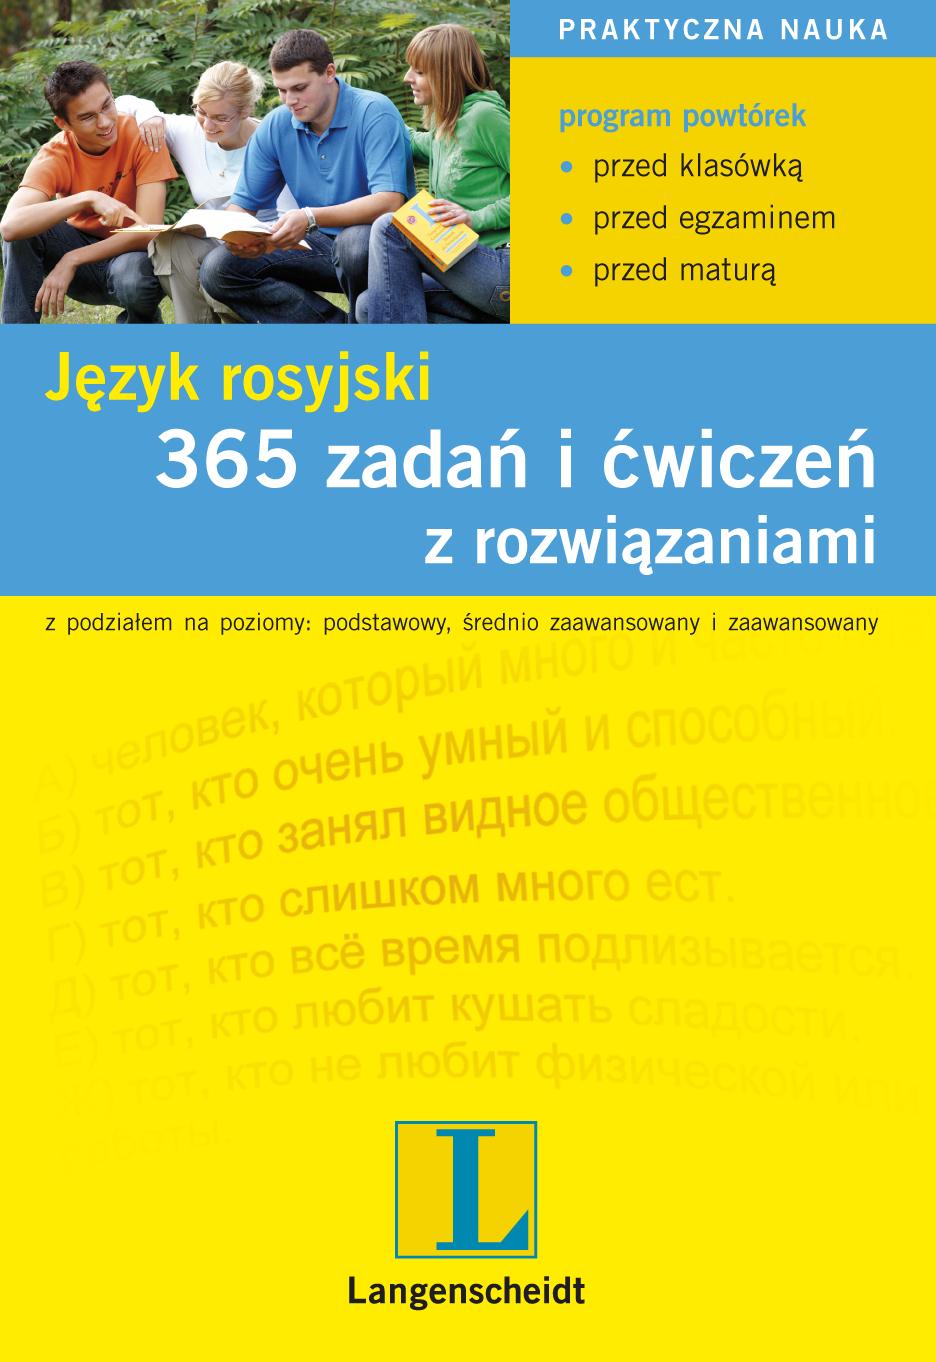 365 zadań i ćwiczeń z rozwiązaniami. Język rosyjski - ebook -  Langenscheidt, książki, eksiążki, języki obce, język rosyjski, e-kurs,zadania, ćwiczenia epartnerzy.com